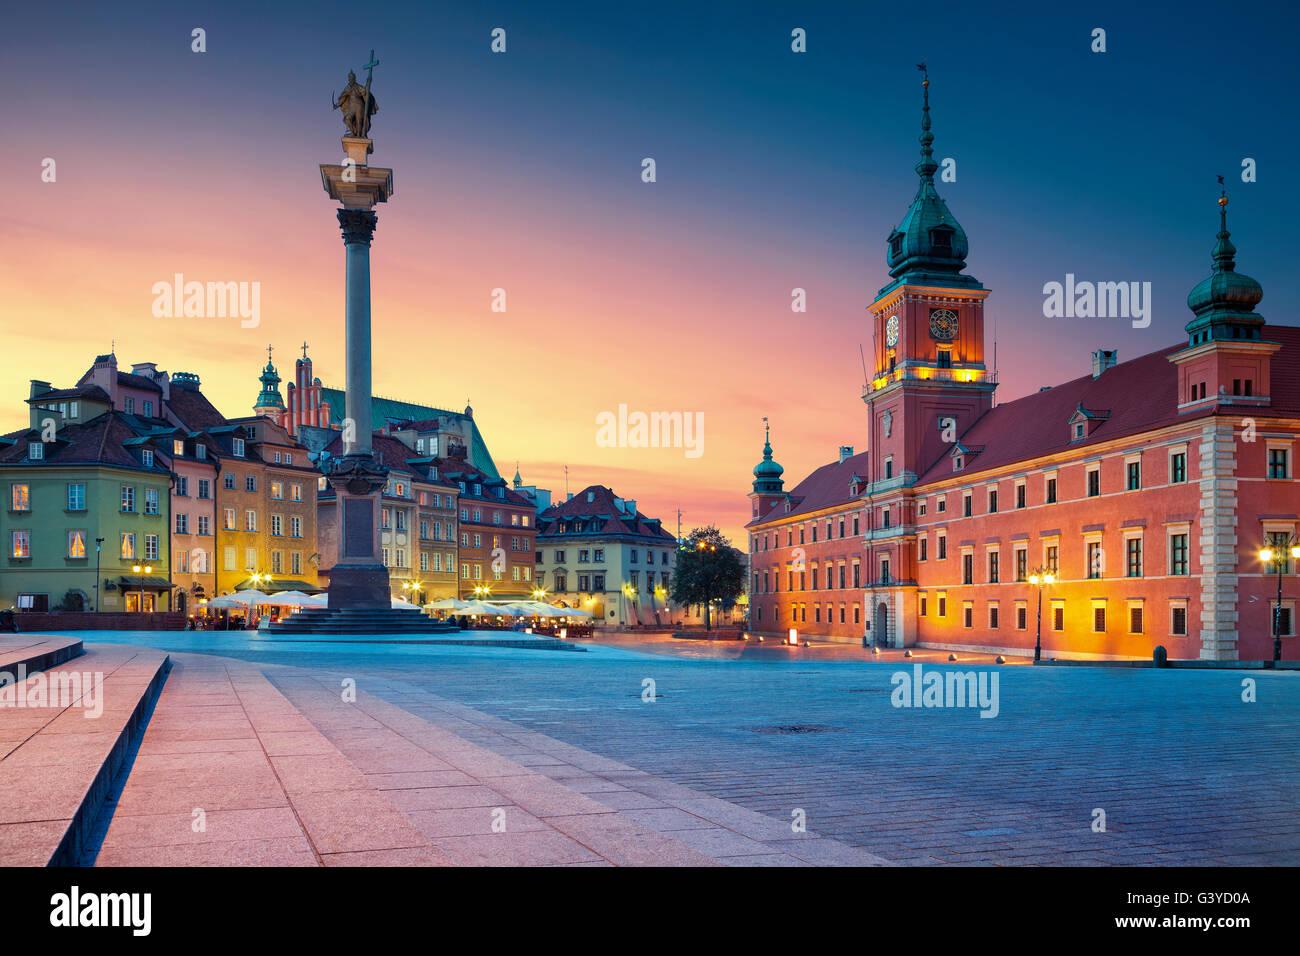 Warschau. Bild der alten Stadt Warschau während des Sonnenuntergangs. Stockbild